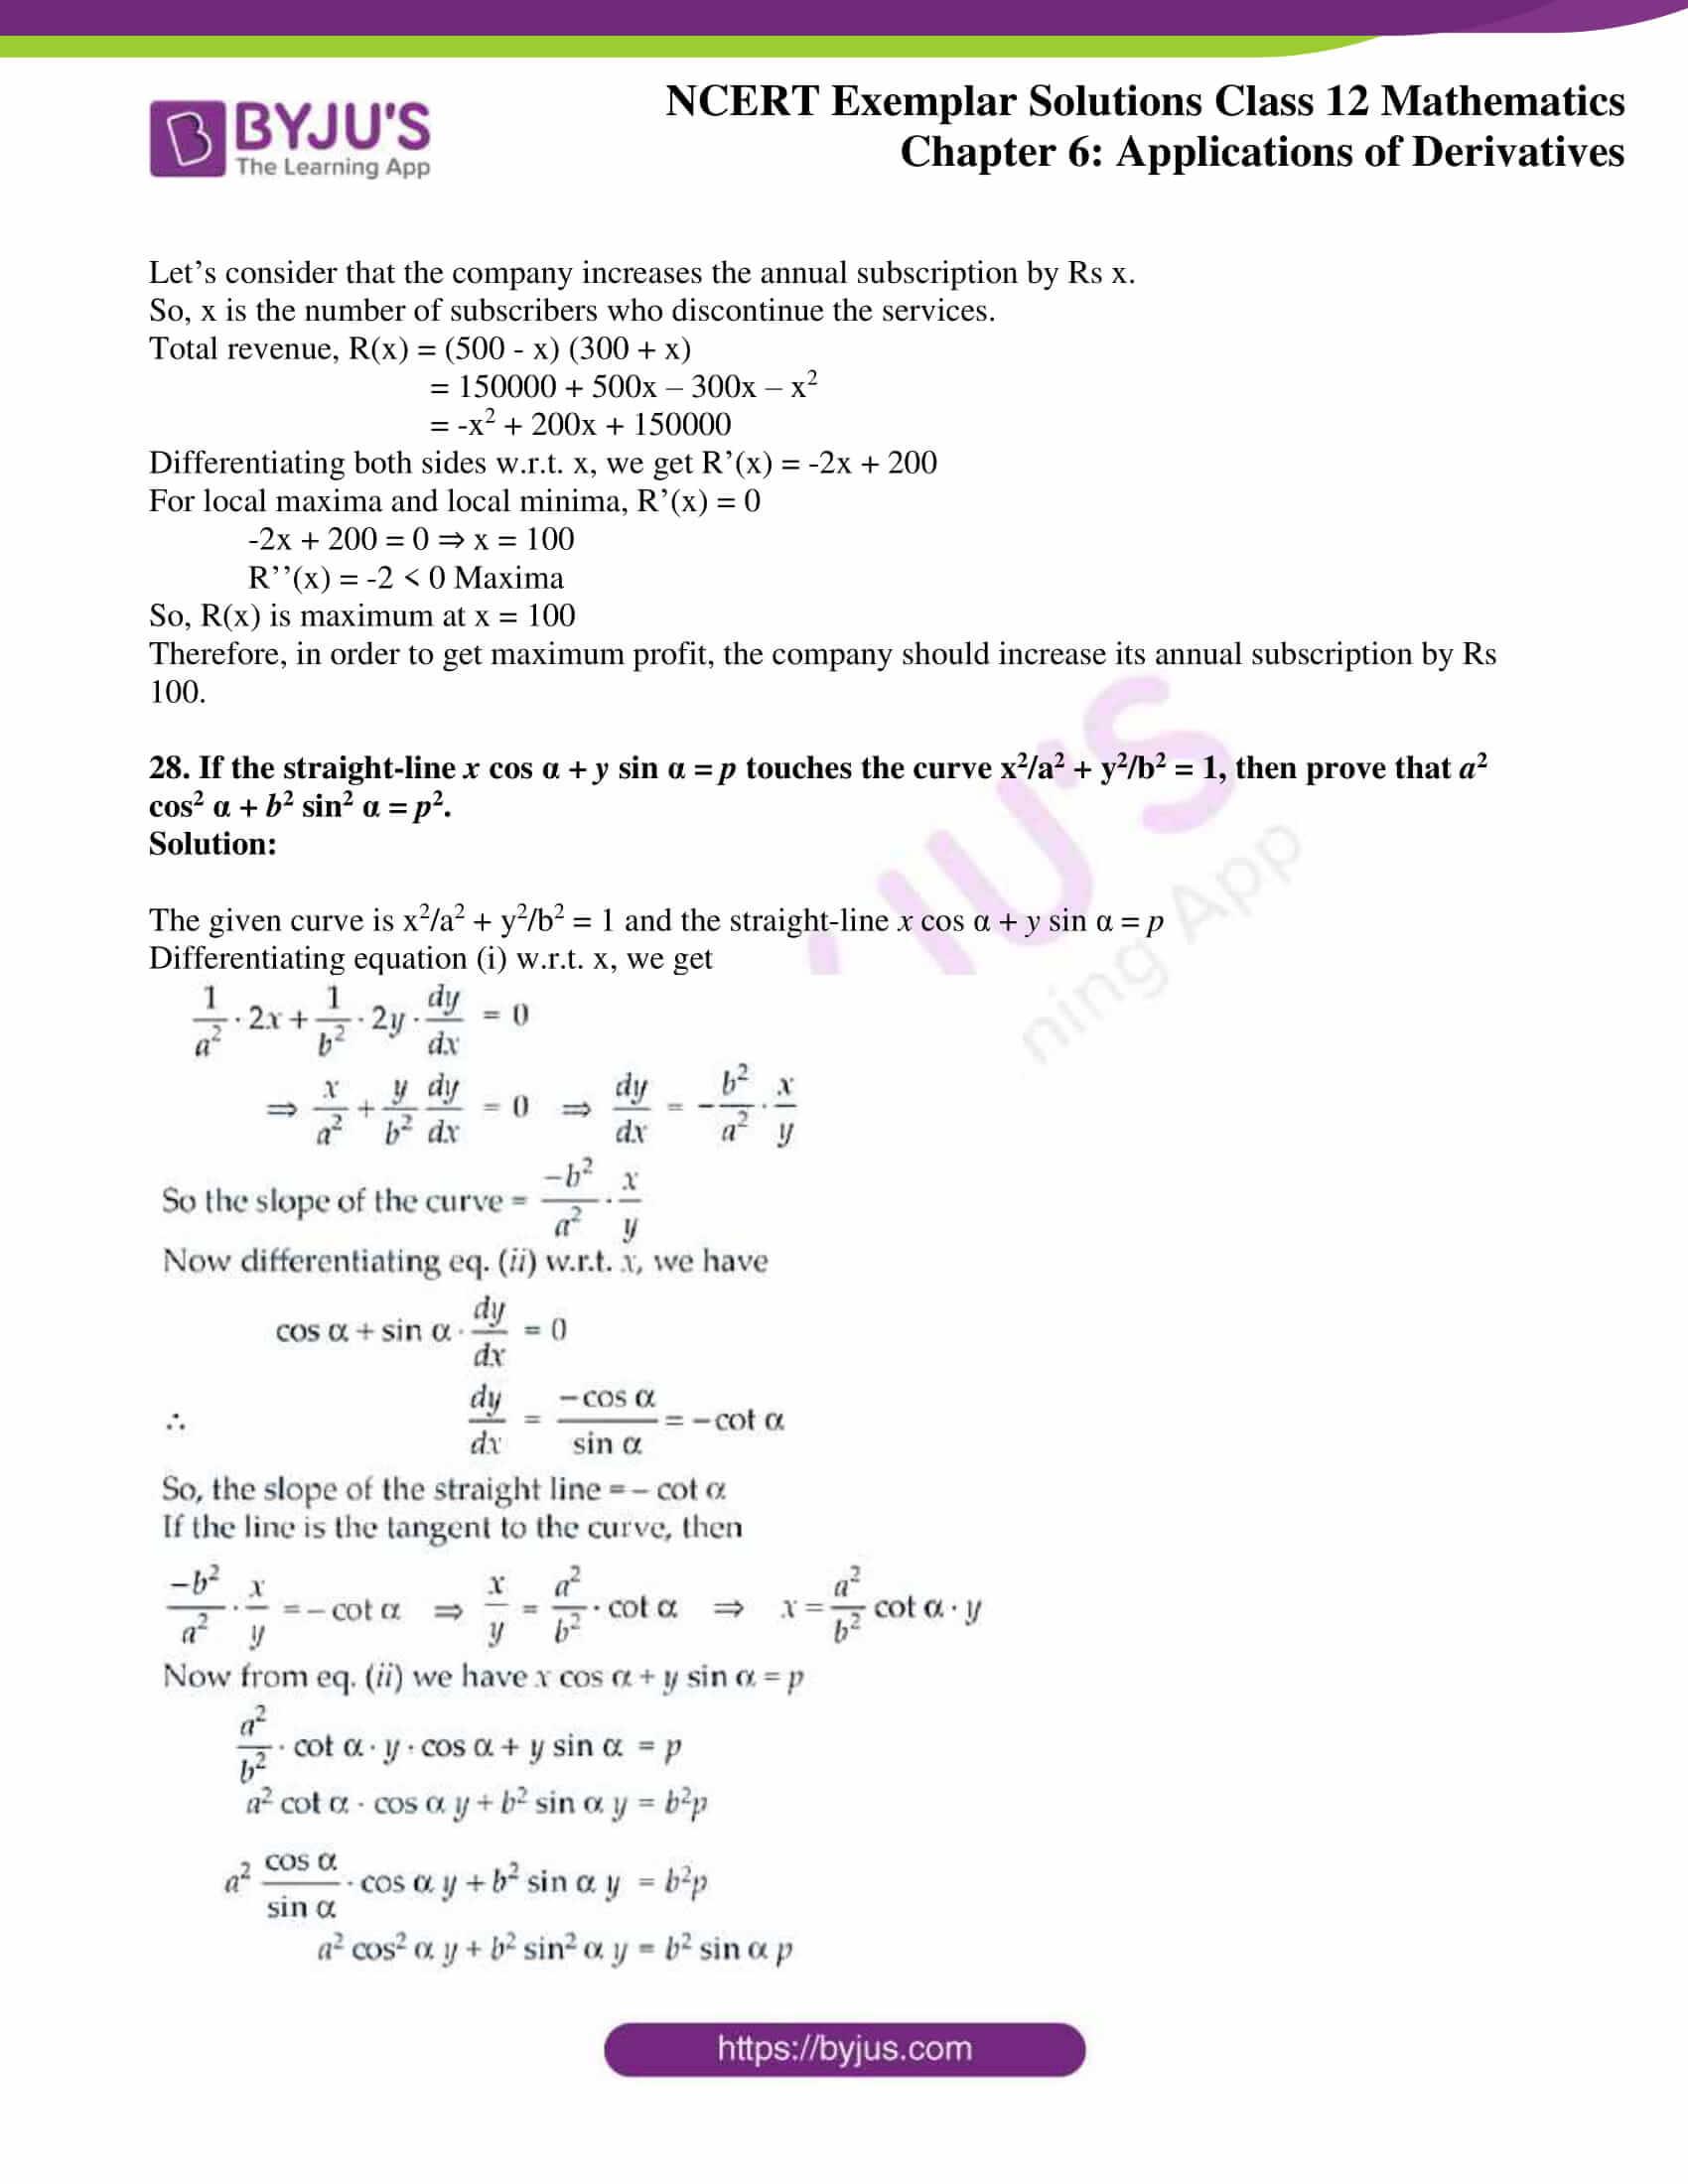 ncert exemplar sol class 12 math ch6 16